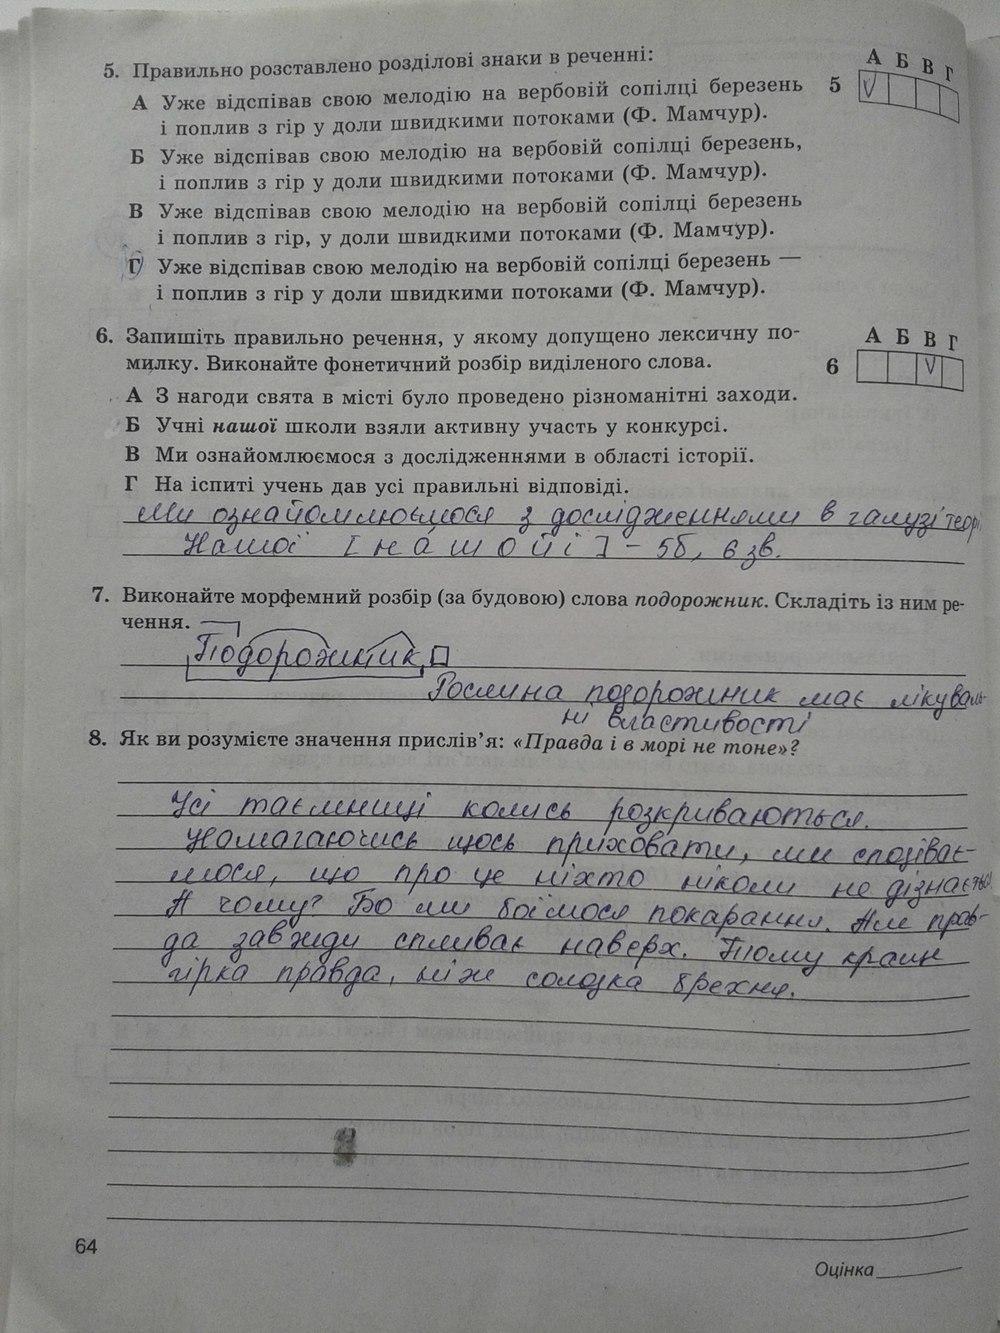 ГДЗ відповіді робочий зошит по рiдна/укр. мова 5 класс С.Р. Молочко. Задание: стр. 64